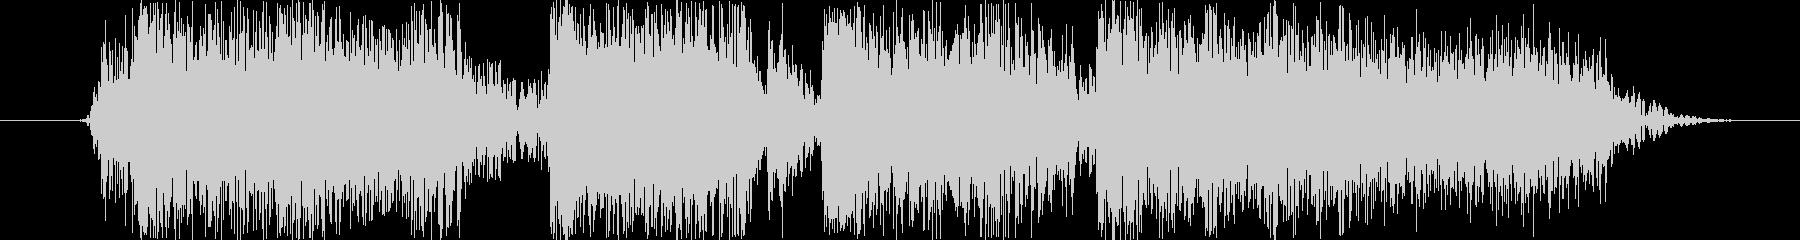 ロックバンドショートジングル004の未再生の波形